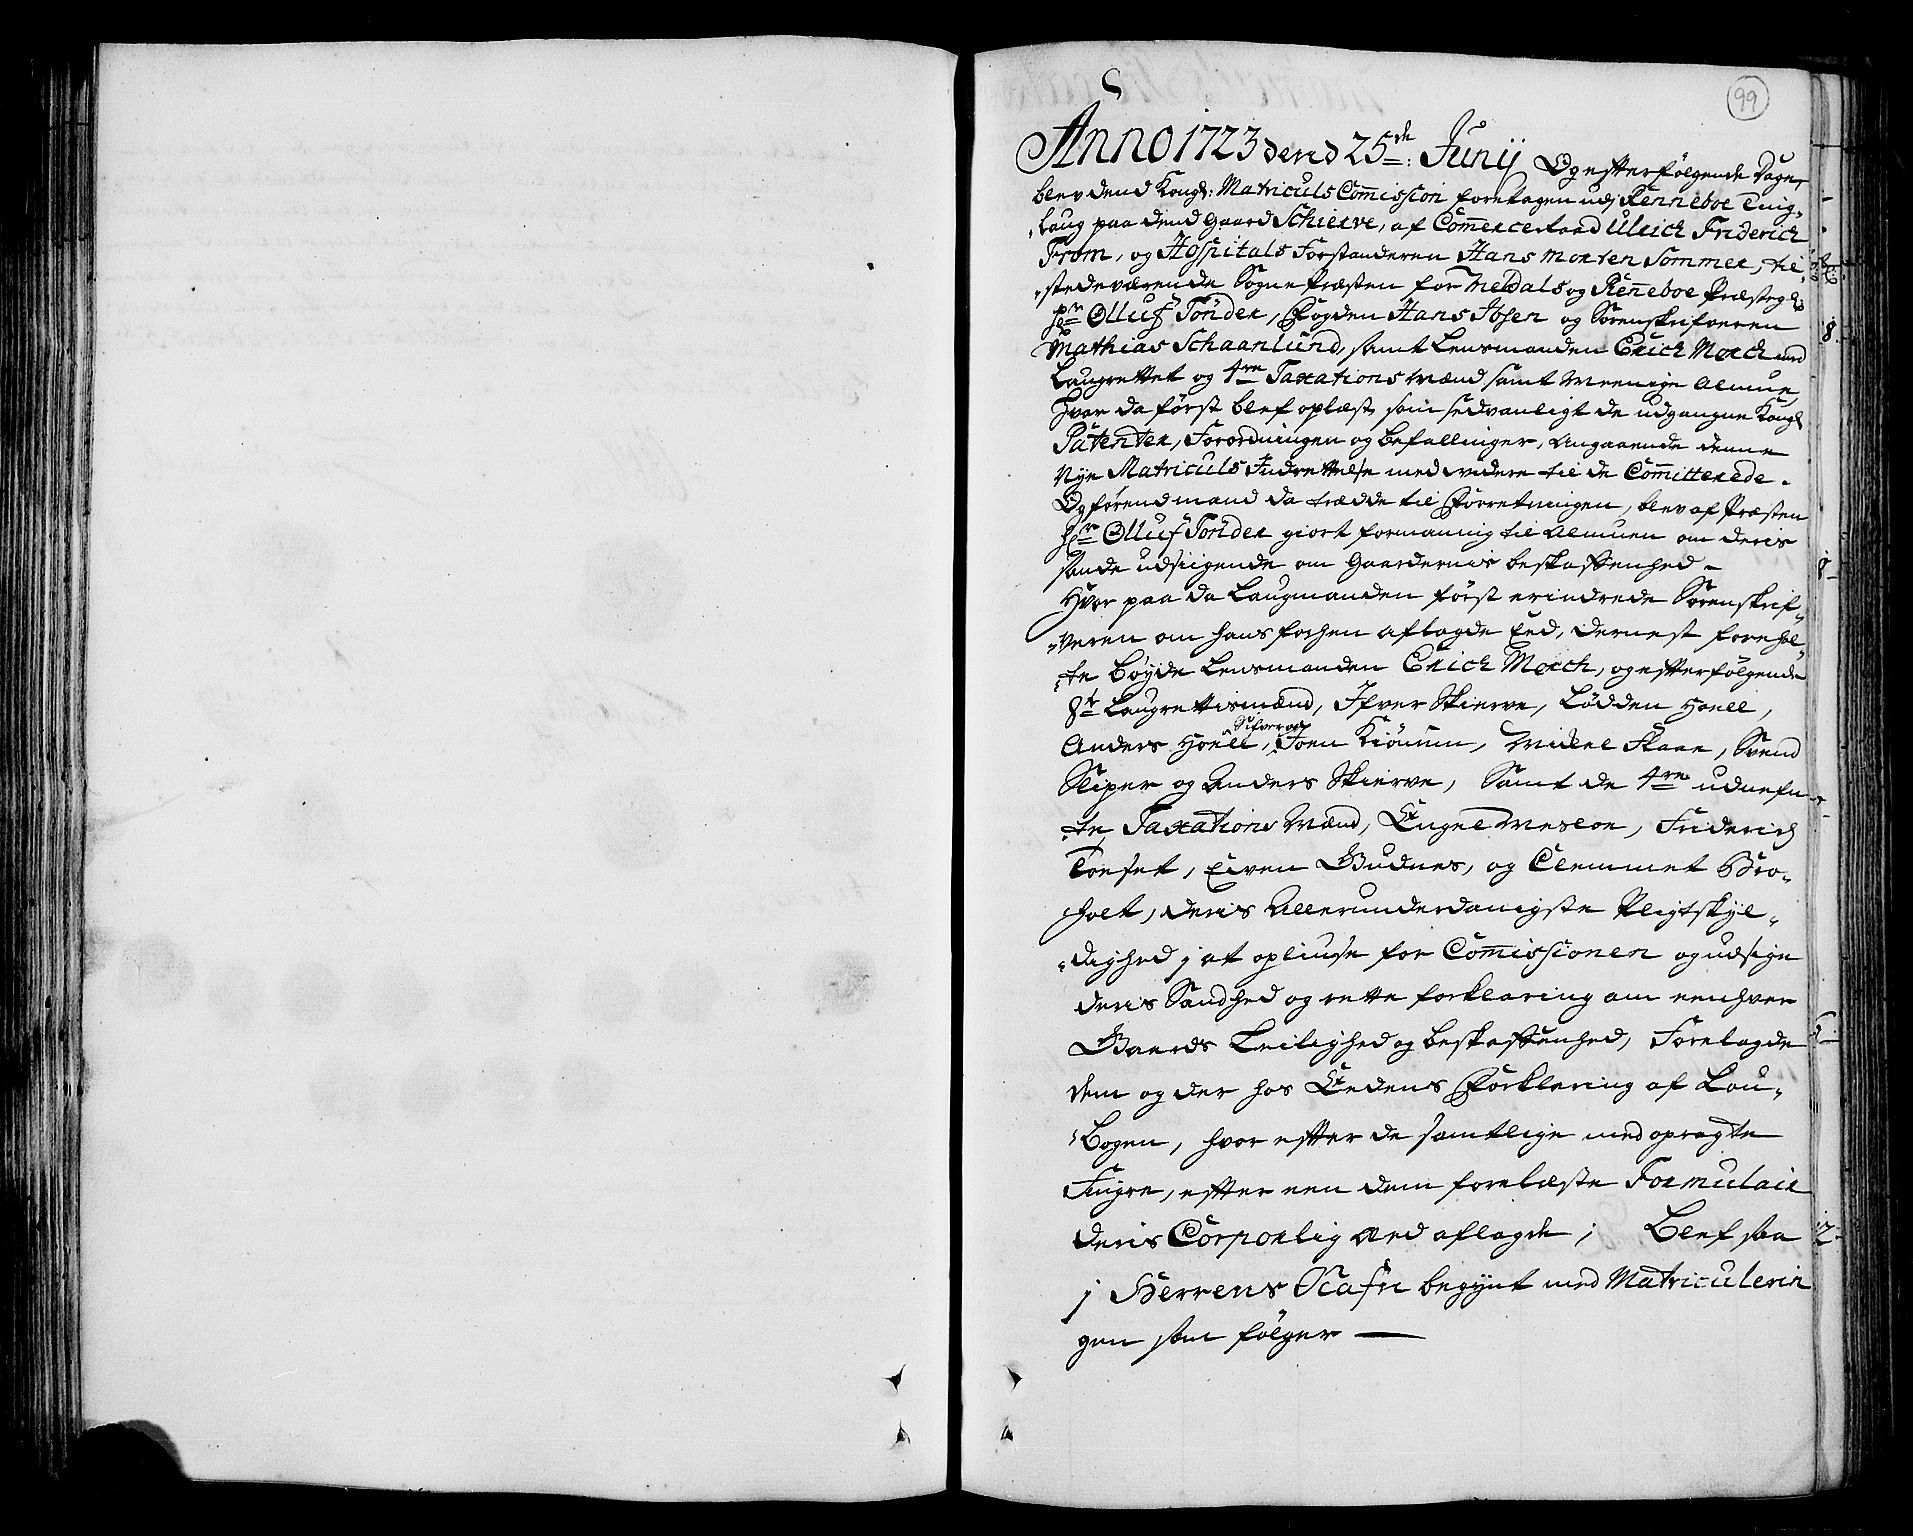 RA, Rentekammeret inntil 1814, Realistisk ordnet avdeling, N/Nb/Nbf/L0156: Orkdal eksaminasjonsprotokoll, 1723, s. 98b-99a